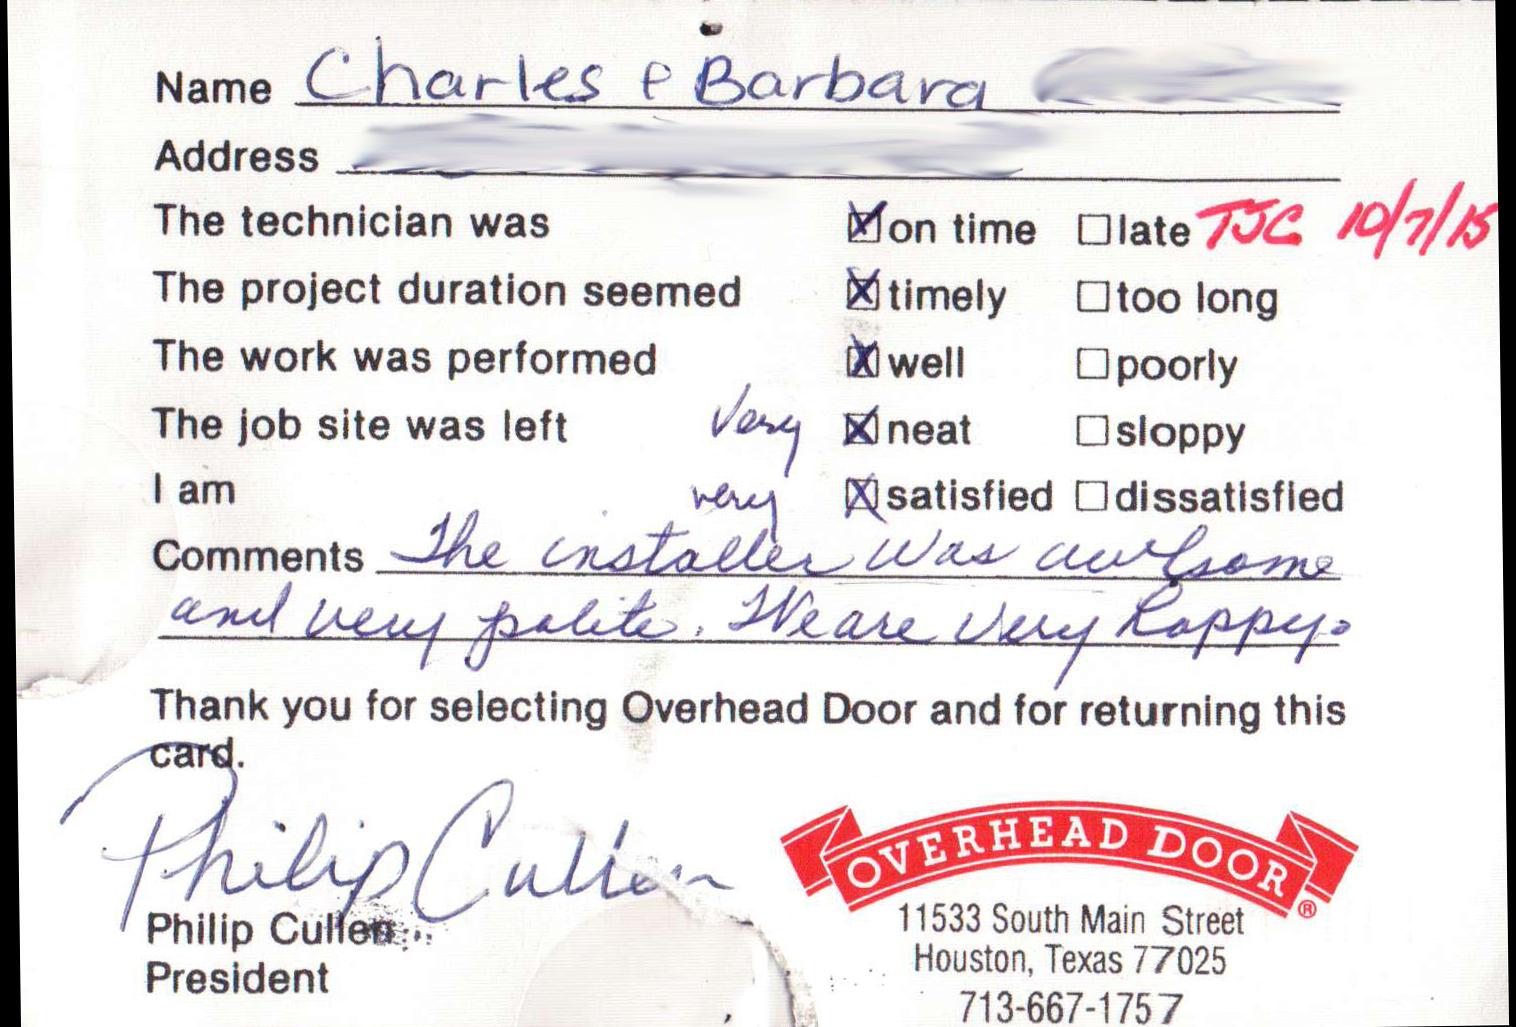 Charles and Barbara